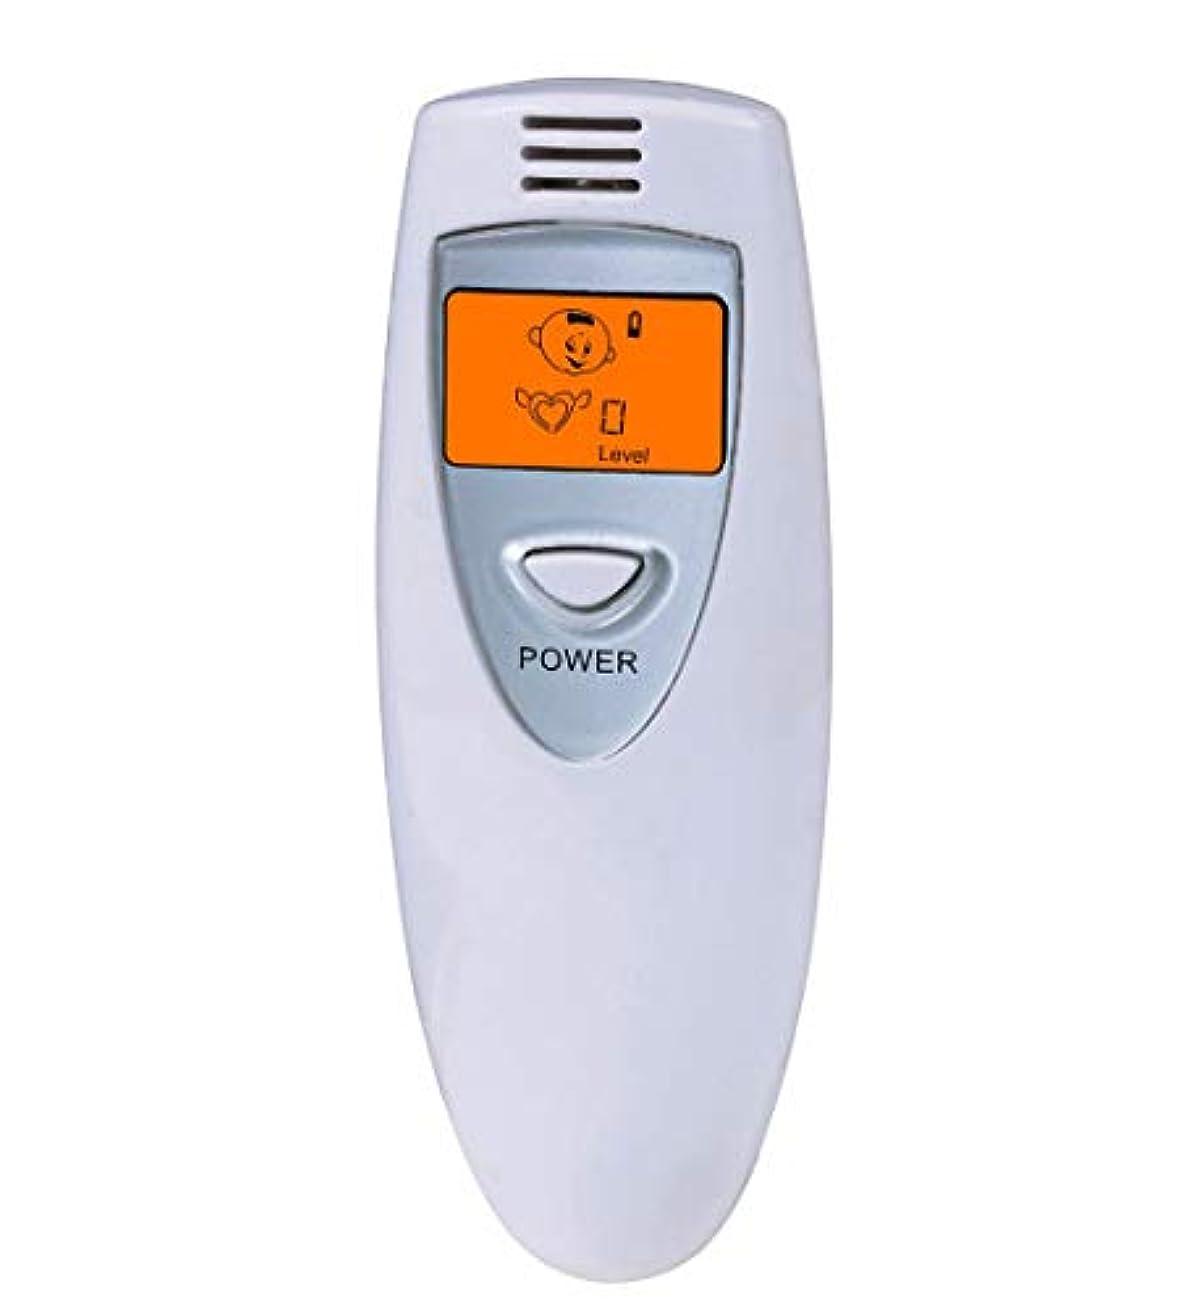 感謝するベイビー止まる【瞬時測定】 携帯ブレスチェッカー デジタル口臭チェッカー 5段階レベル表示 コンパークト口臭予防検査器 大人子供エチケット (Grey)